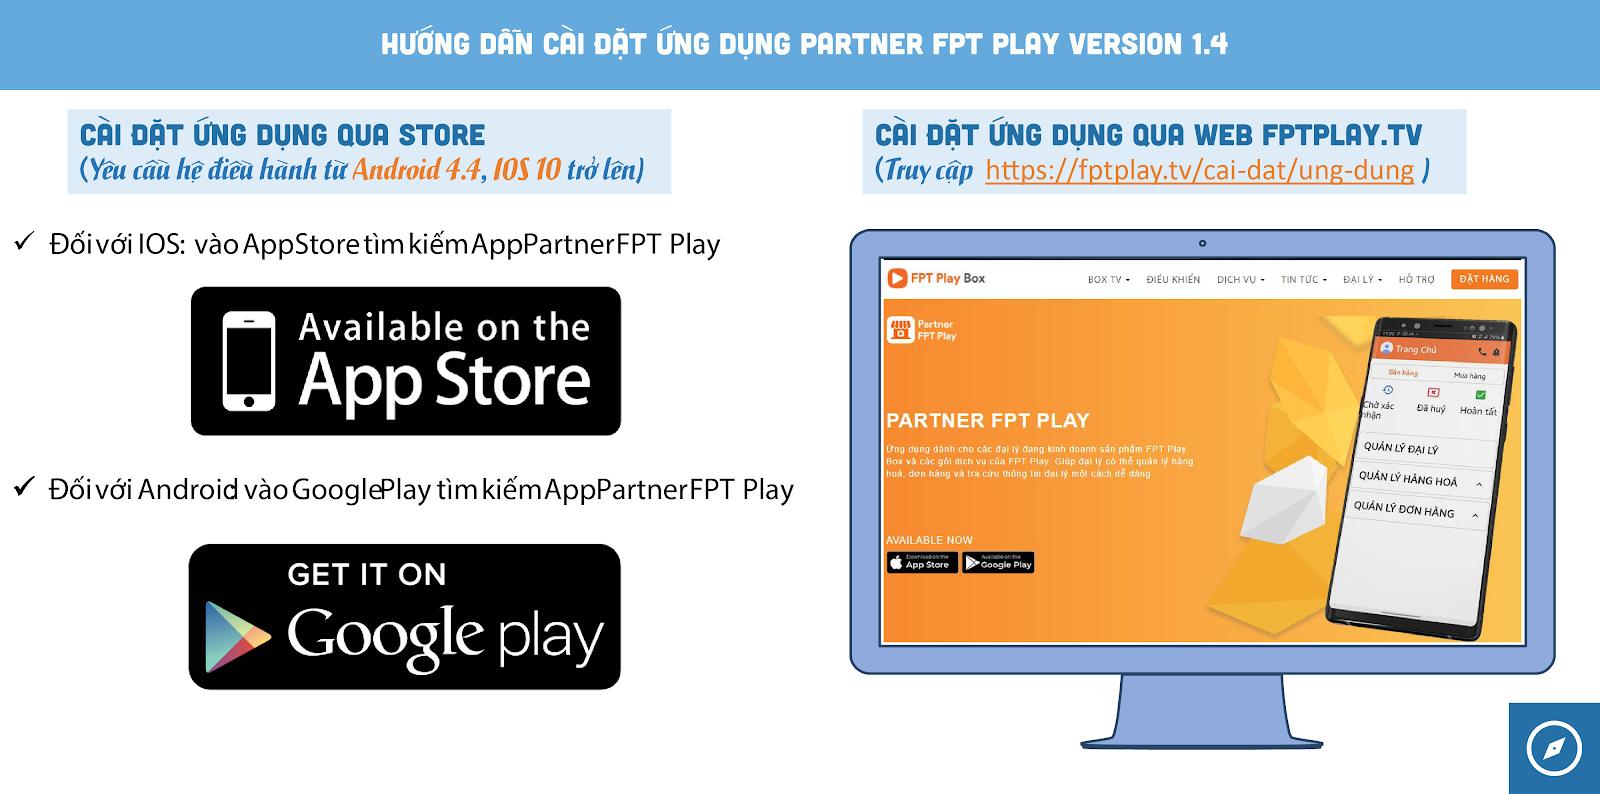 Ứng dụng Partner Play FPT đã có mặt ở cả 2 hệ điều hành IOS và Android.